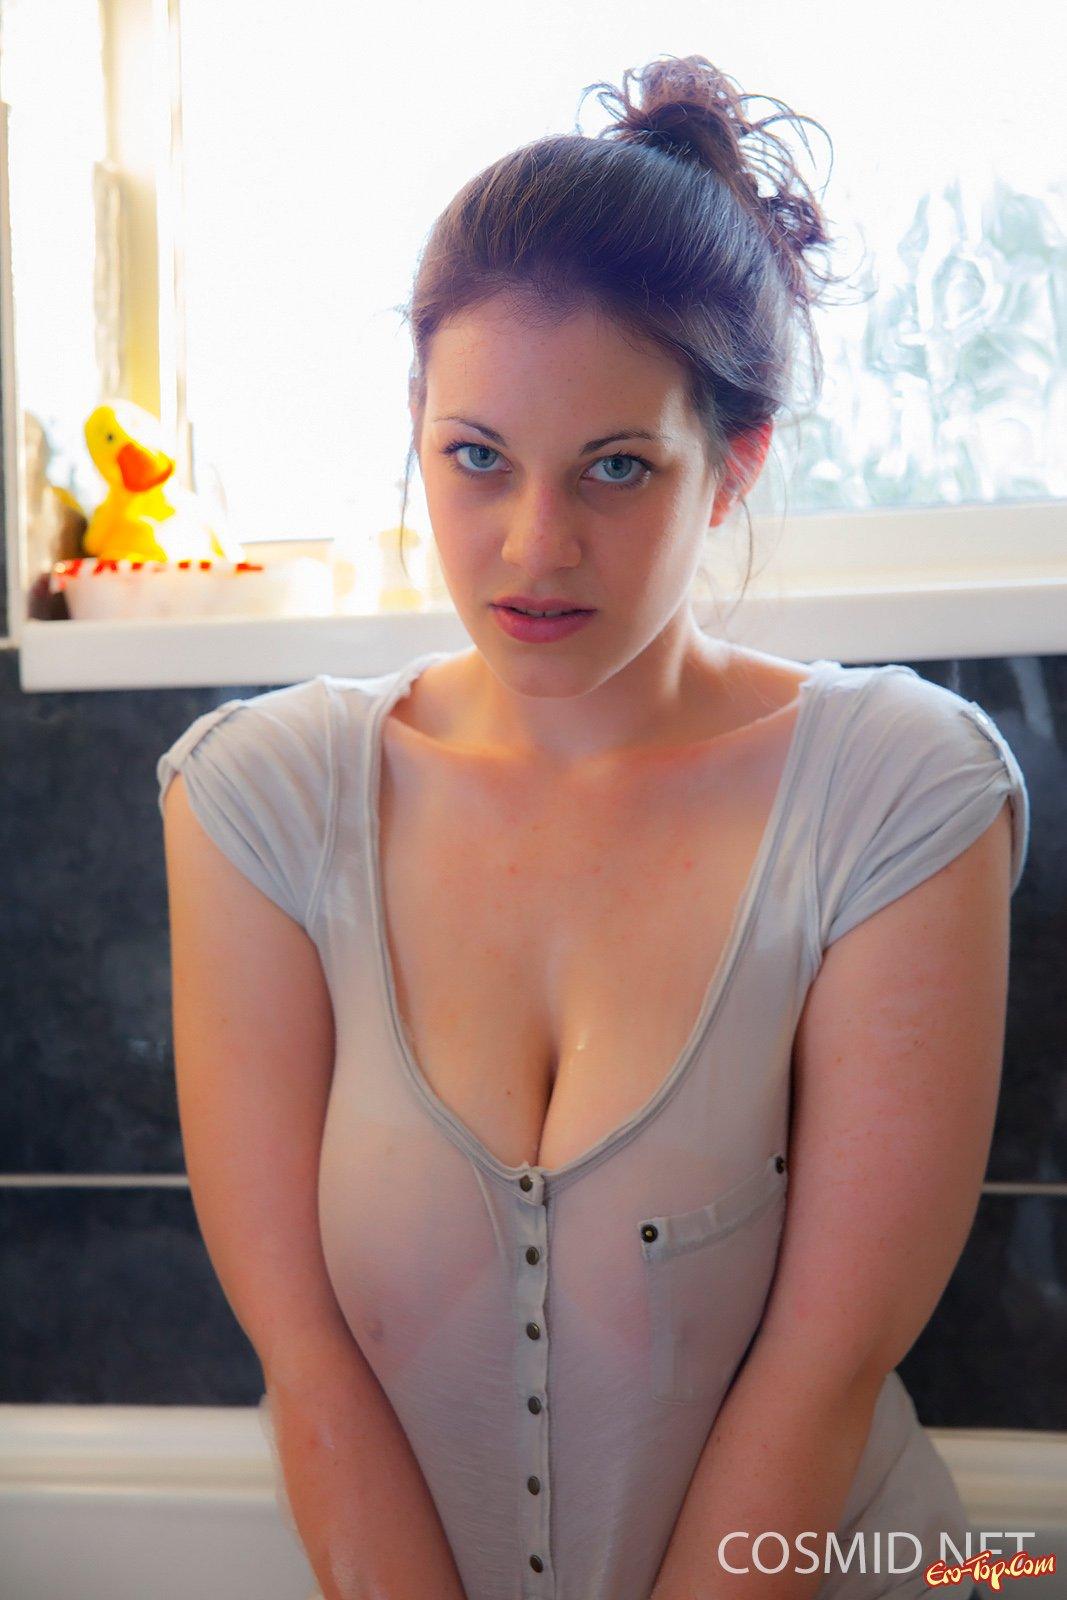 секс женщины с висячей грудью видео пройтись, вспомнить места